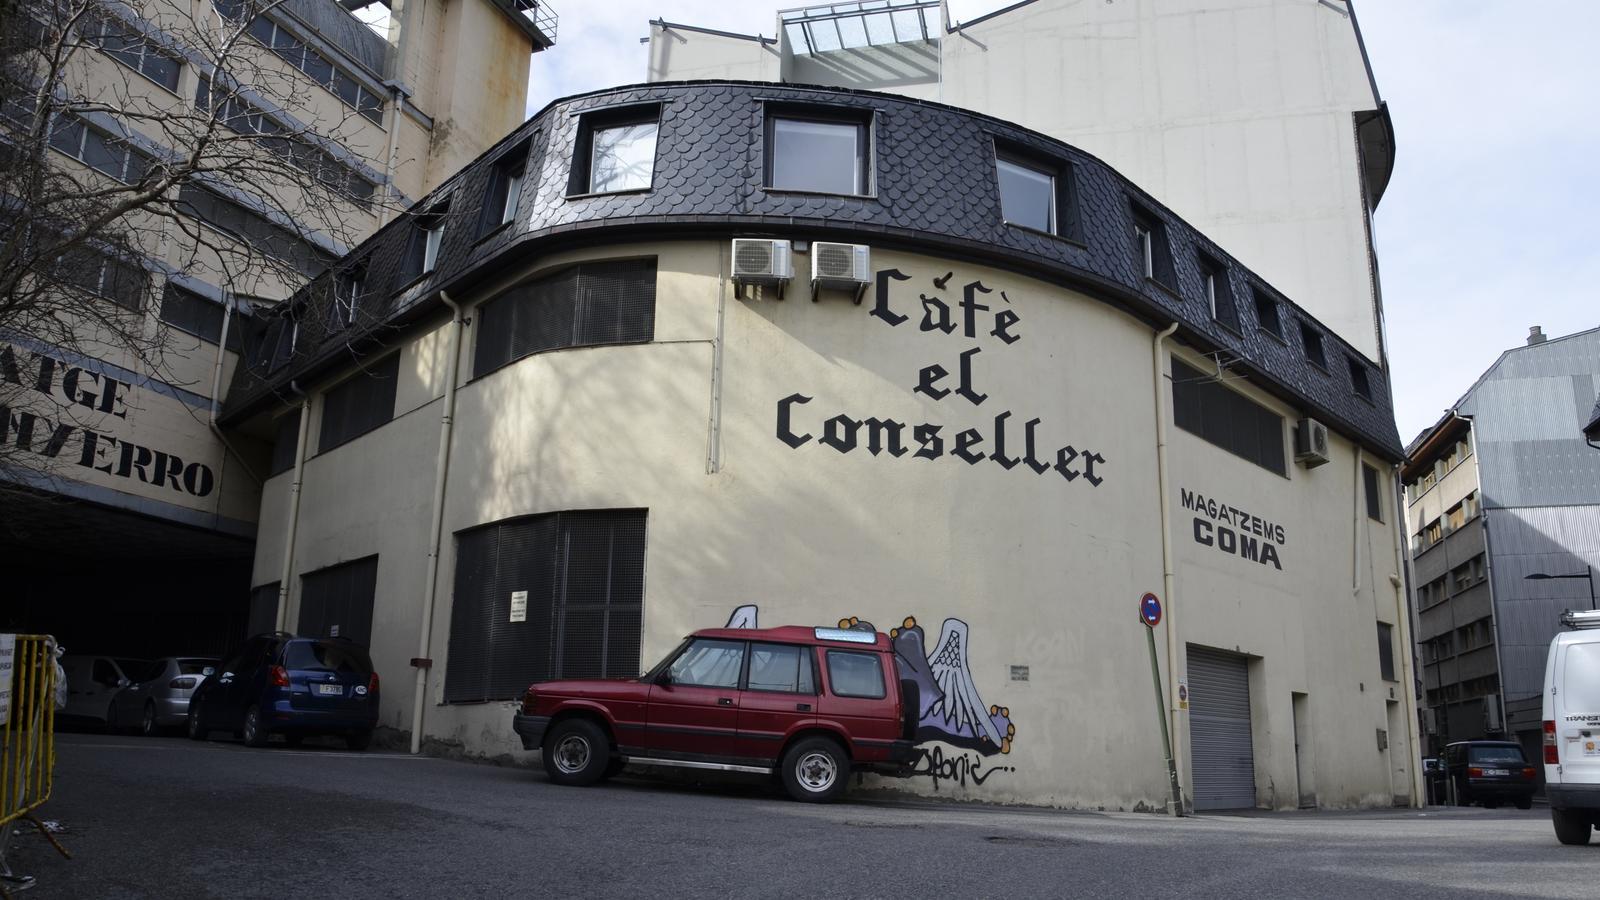 Les instal·lacions de Cafè el Conseller, que han patit un robatori aquest cap de setmana. / D.R.